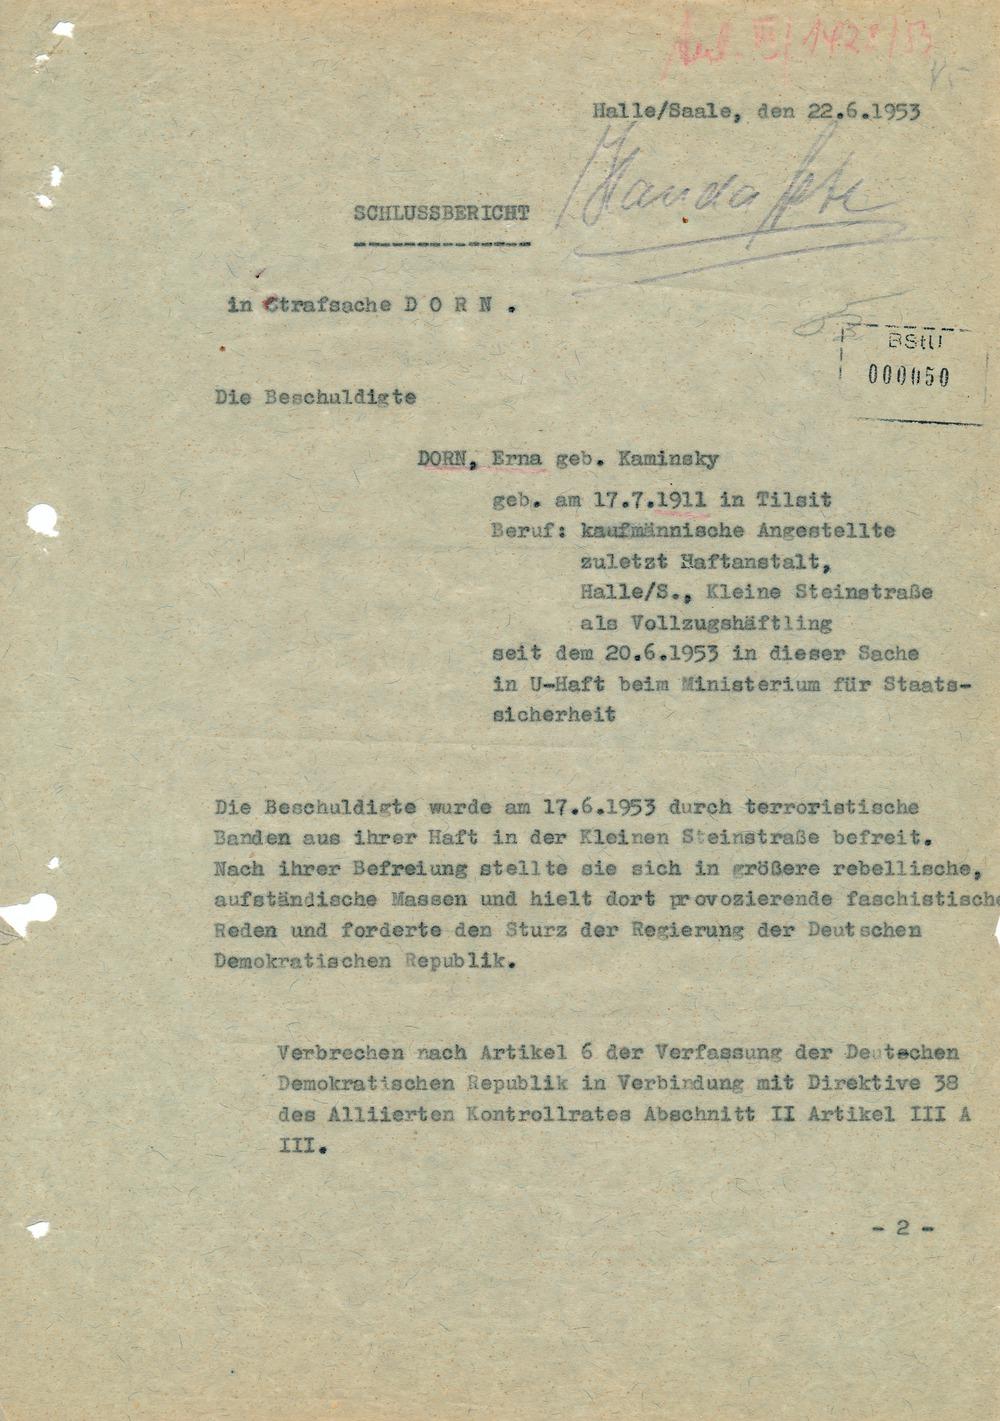 Schlussbericht in der Strafsache Dorn  Halle/Saale, den 22.06.1953